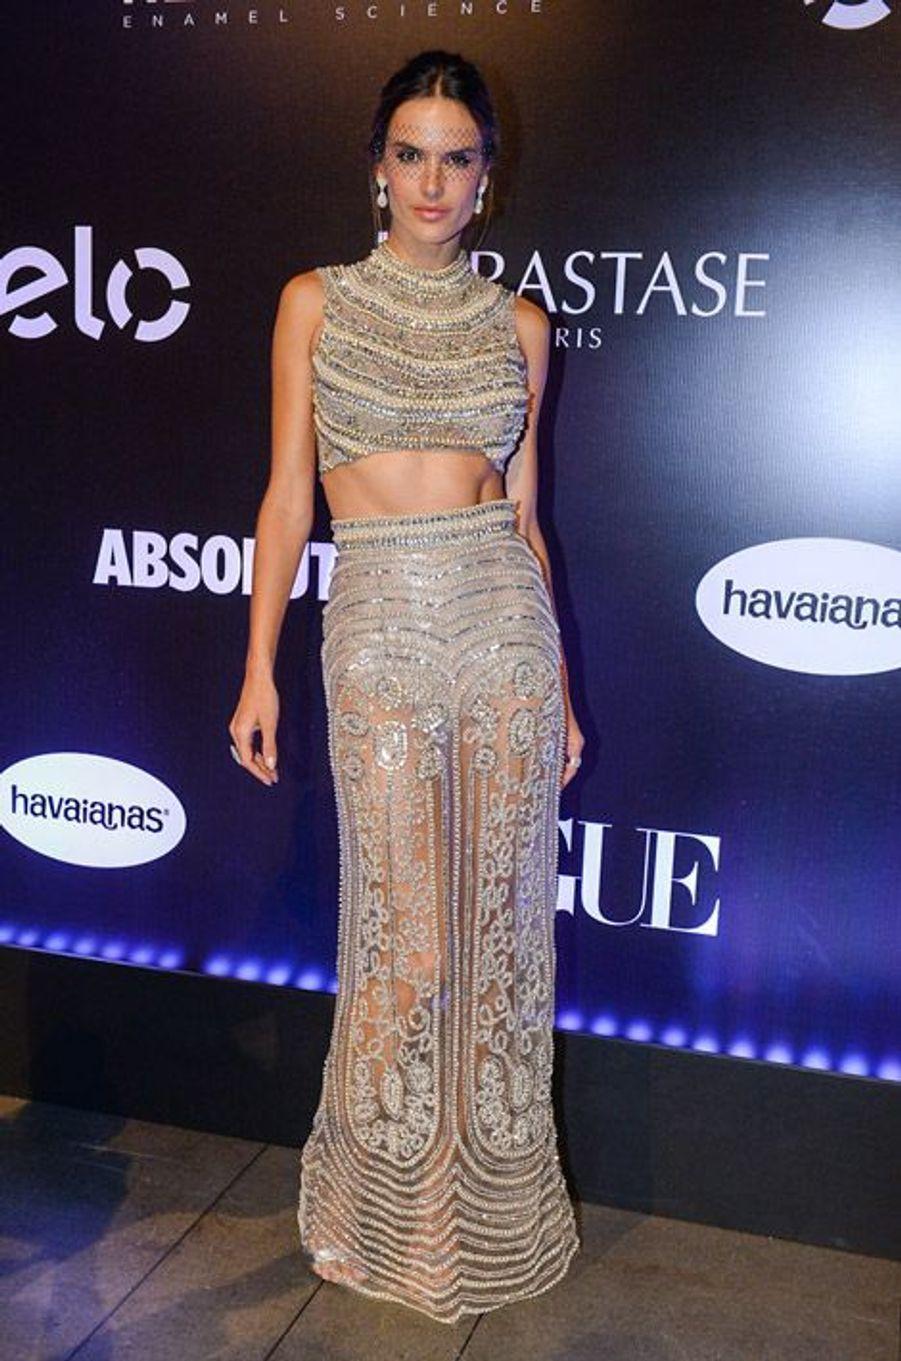 Le top brésilien Alessandra Ambrosio lors d'un événement à Sao Paulo, le 6 février 2015